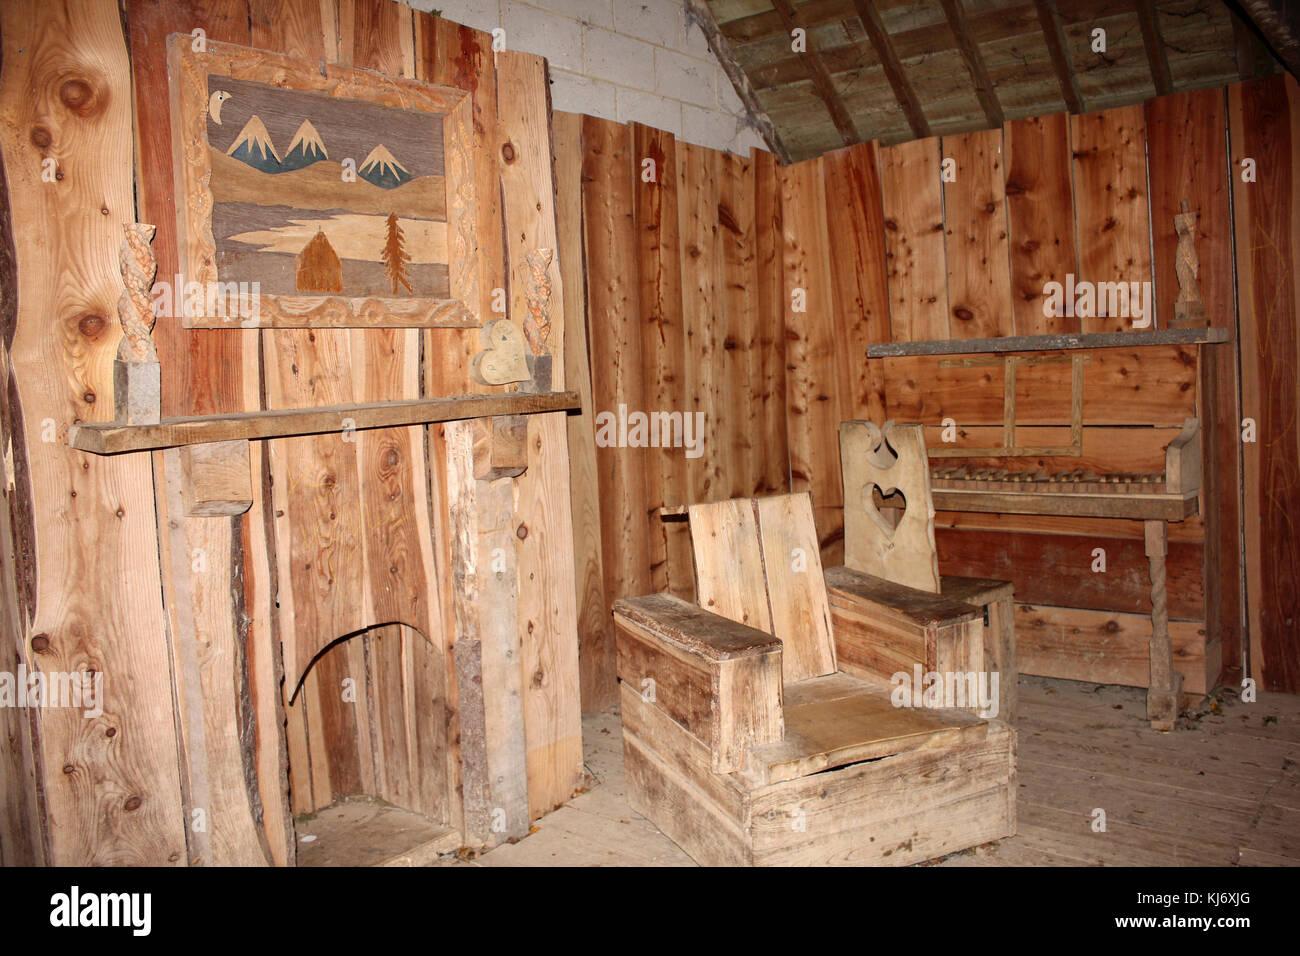 """Soggiorno con mobili etc fatta di legno in toni """"Shelter"""" Carsington acqua, Derbyshire, Regno Unito Immagini Stock"""